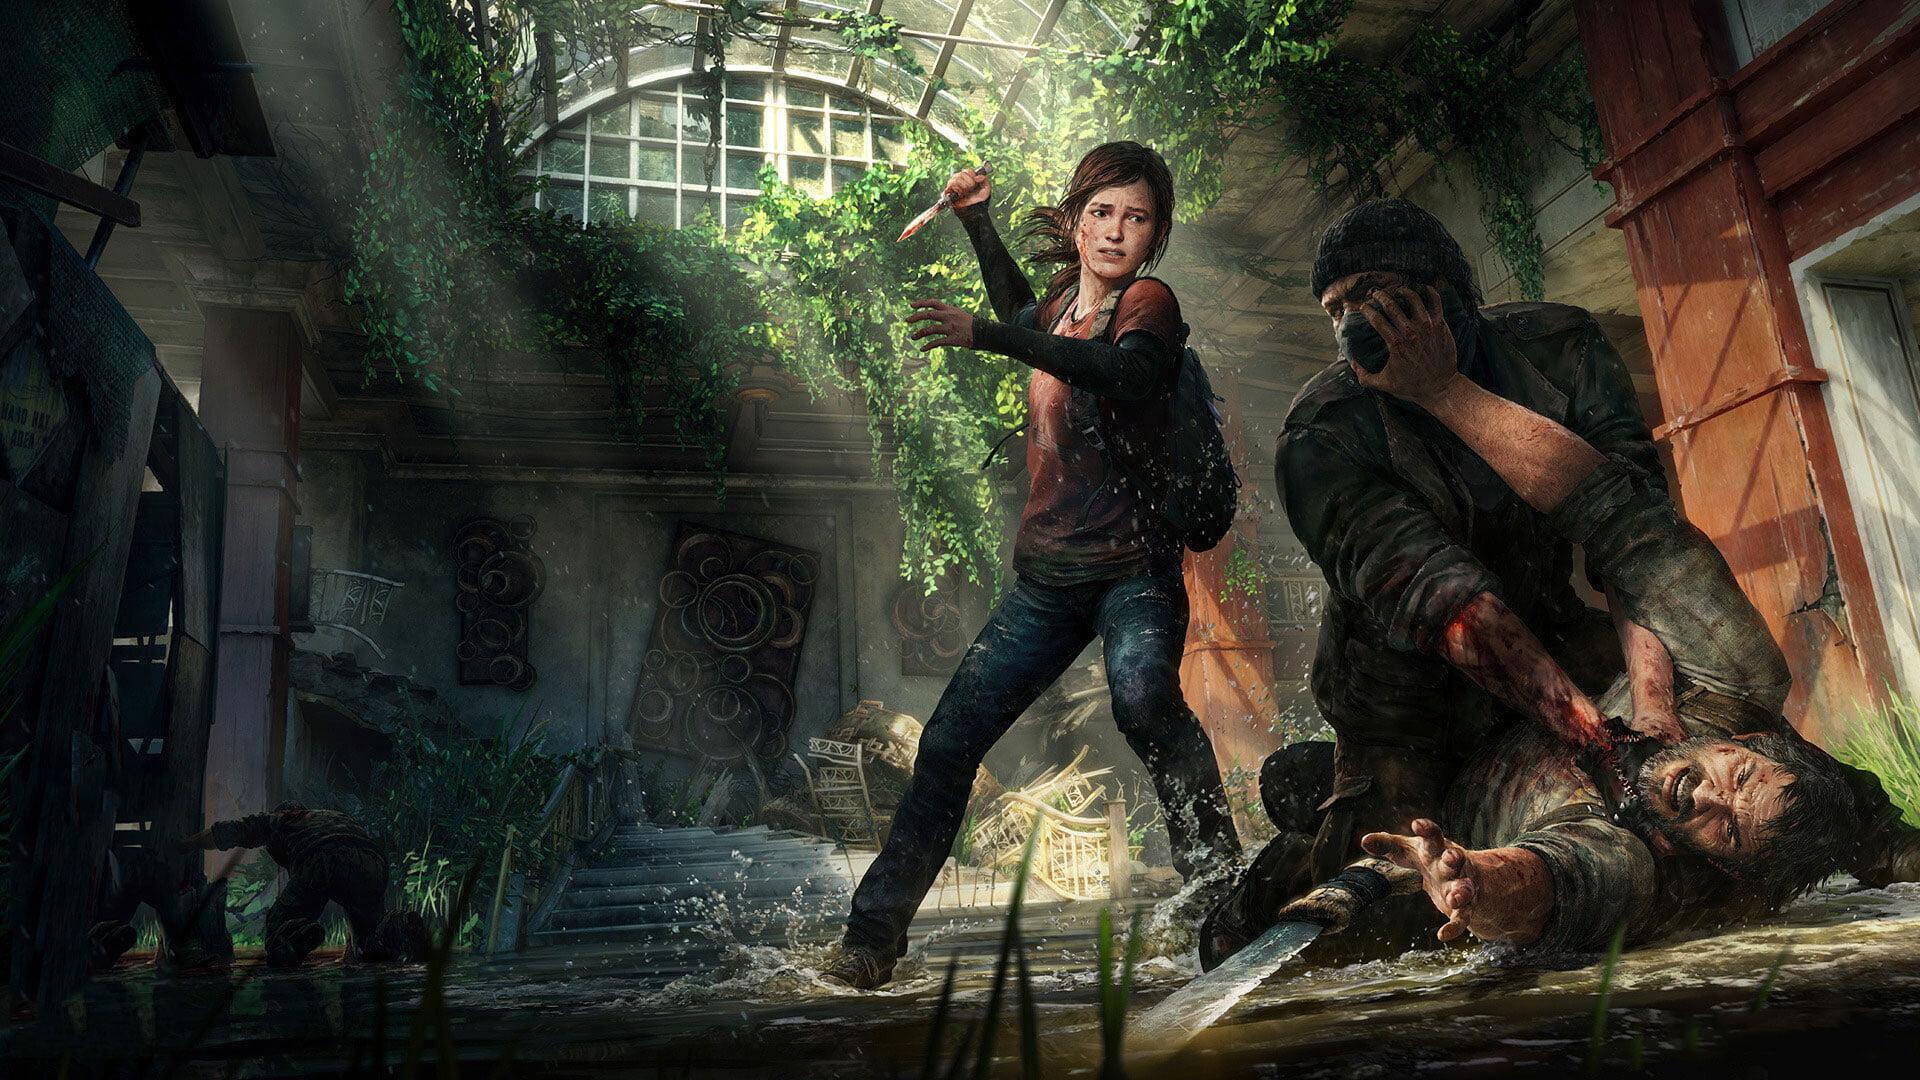 Итоги 2010-х: 10 лучших фантастических видеоигр поверсии читателей МФ 6